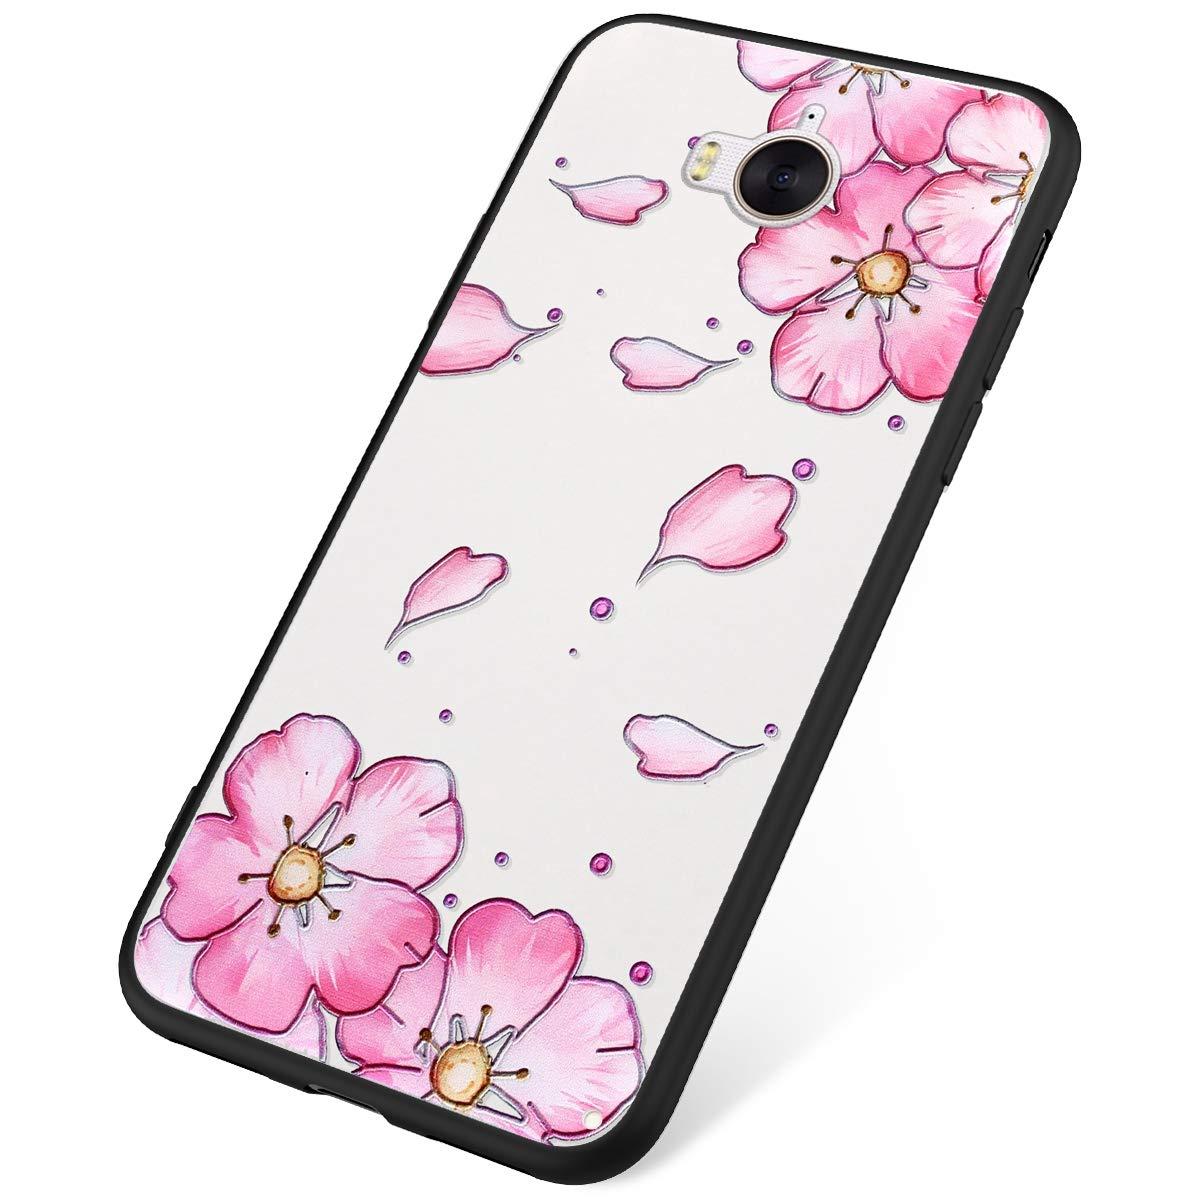 Funda Huawei Y6 2017,Carcasa Huawei Y5 2017 Suave Silicona,Moda Flores Mariposa Pintado Patr/ón Cubierta Blanco Silicona TPU y PC Ultra Delgado Anti-Rasgu/ño Case